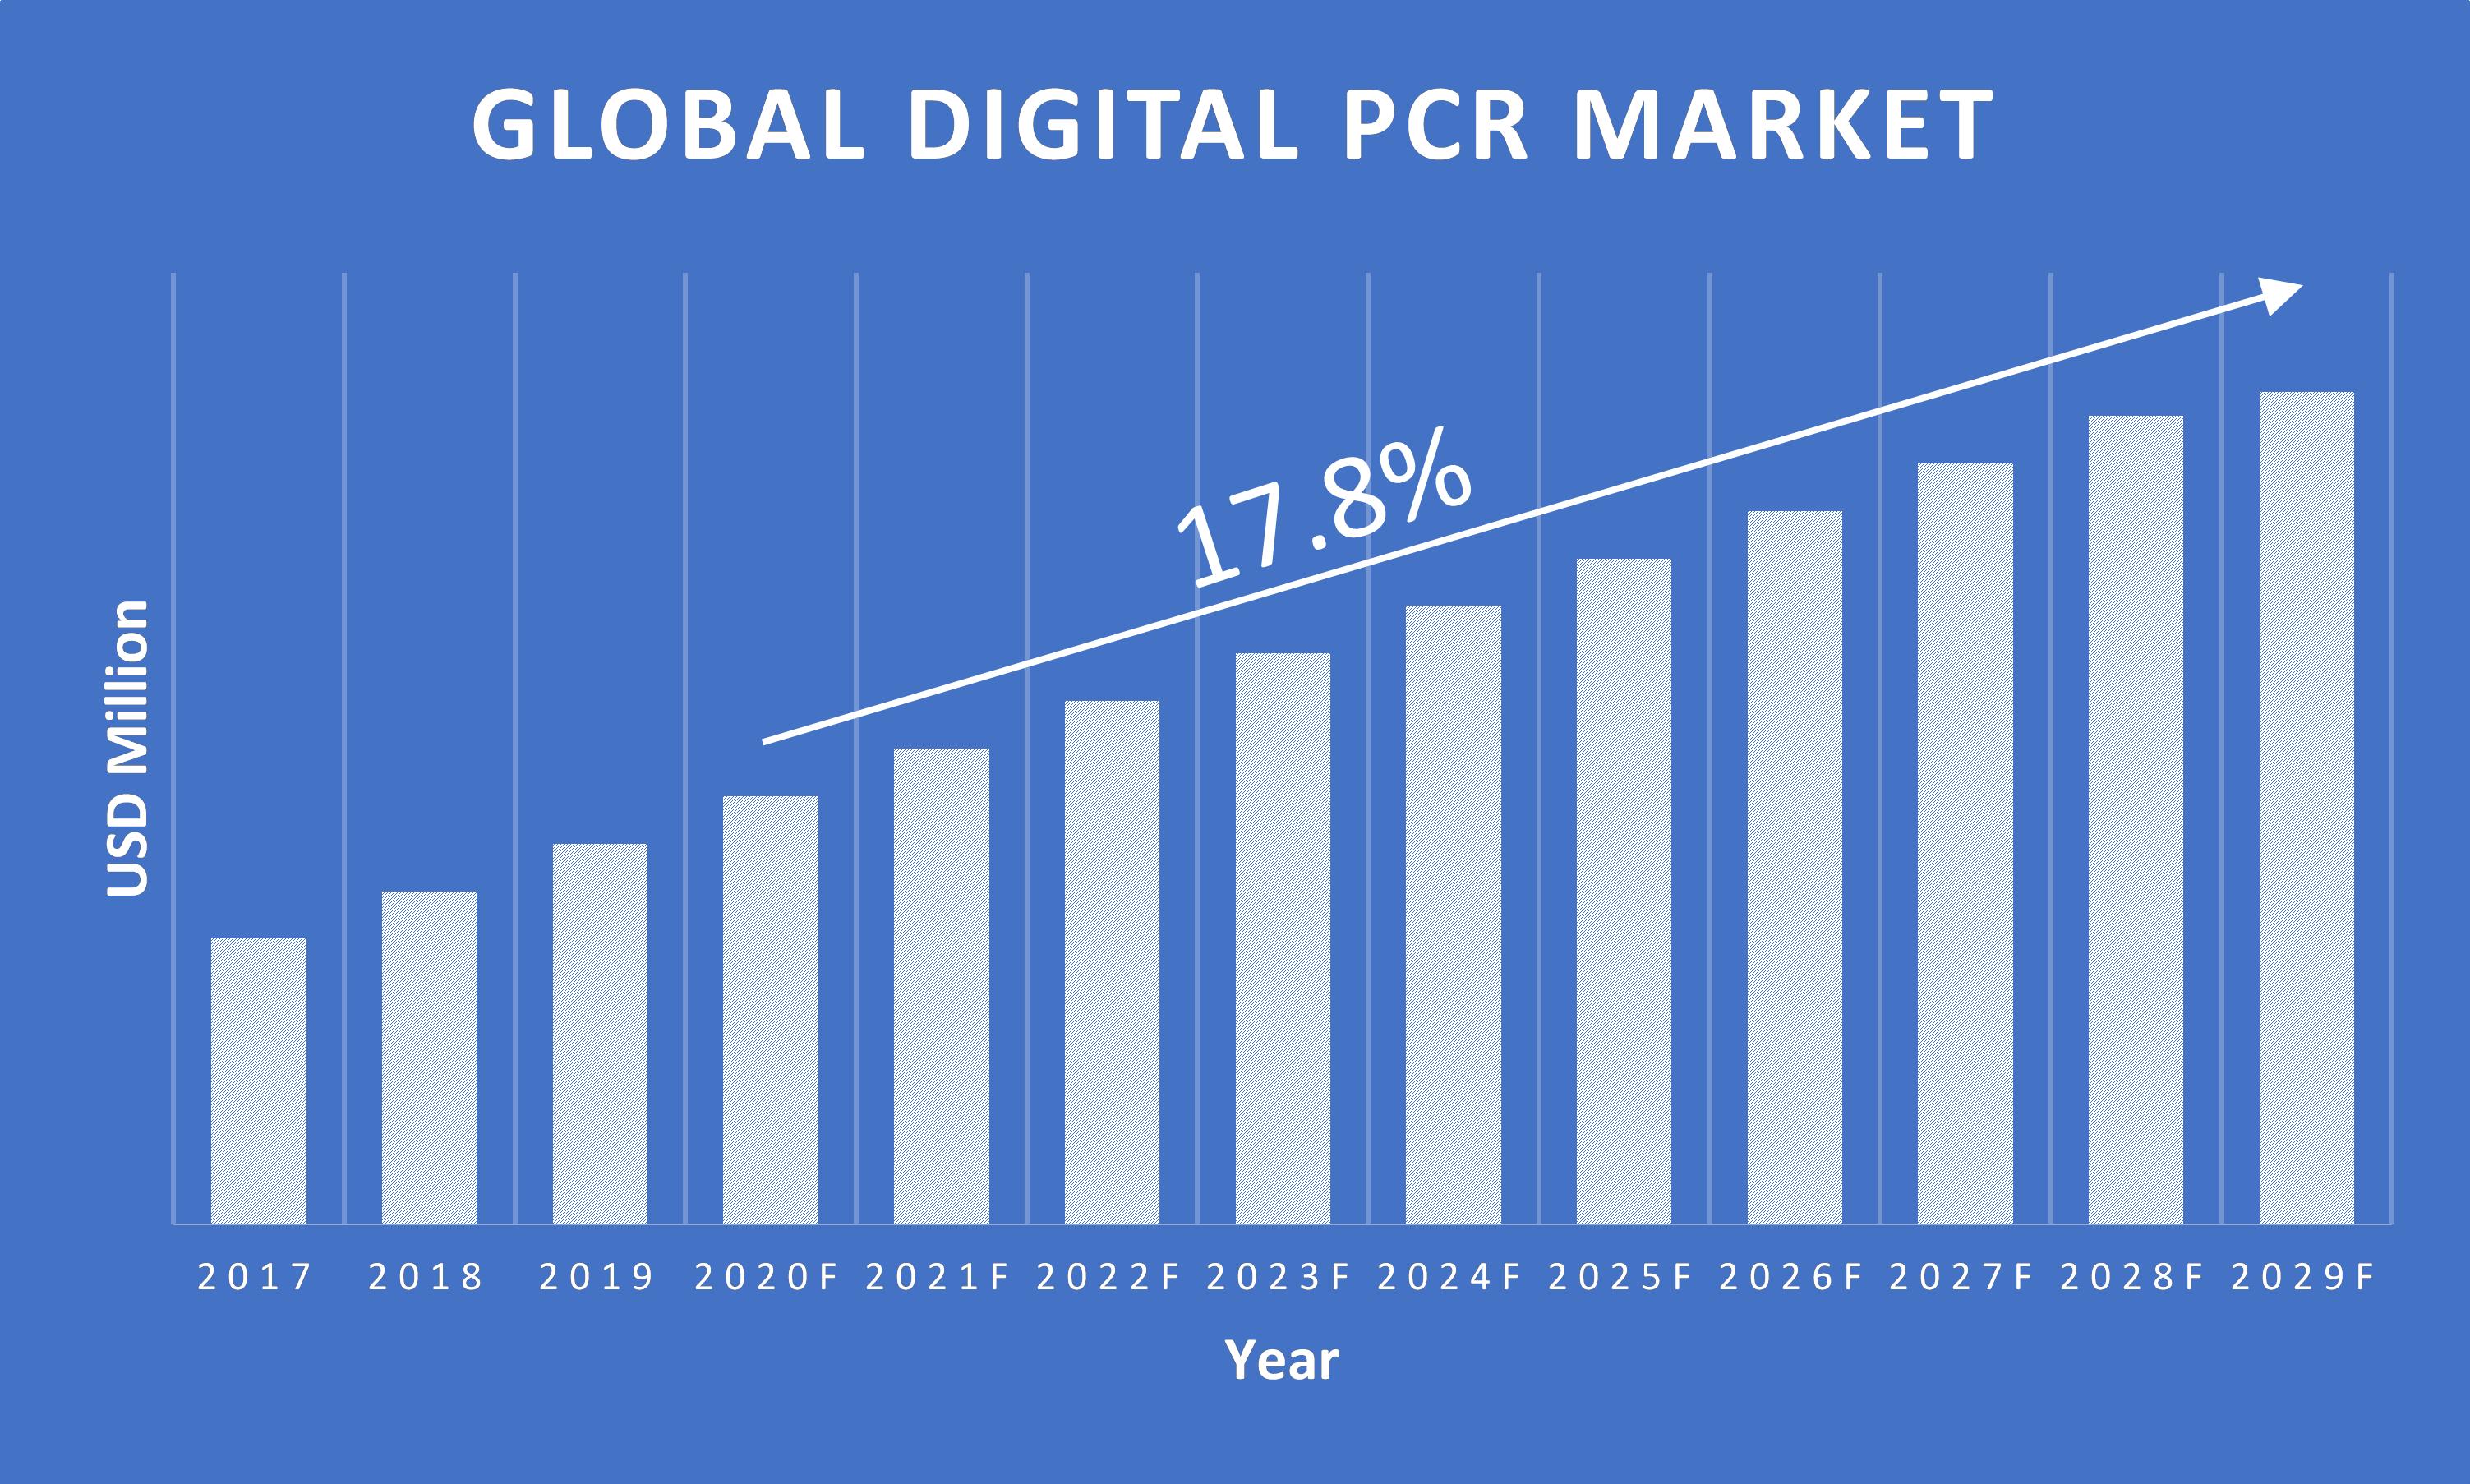 Digital-PCR-Market-Growth